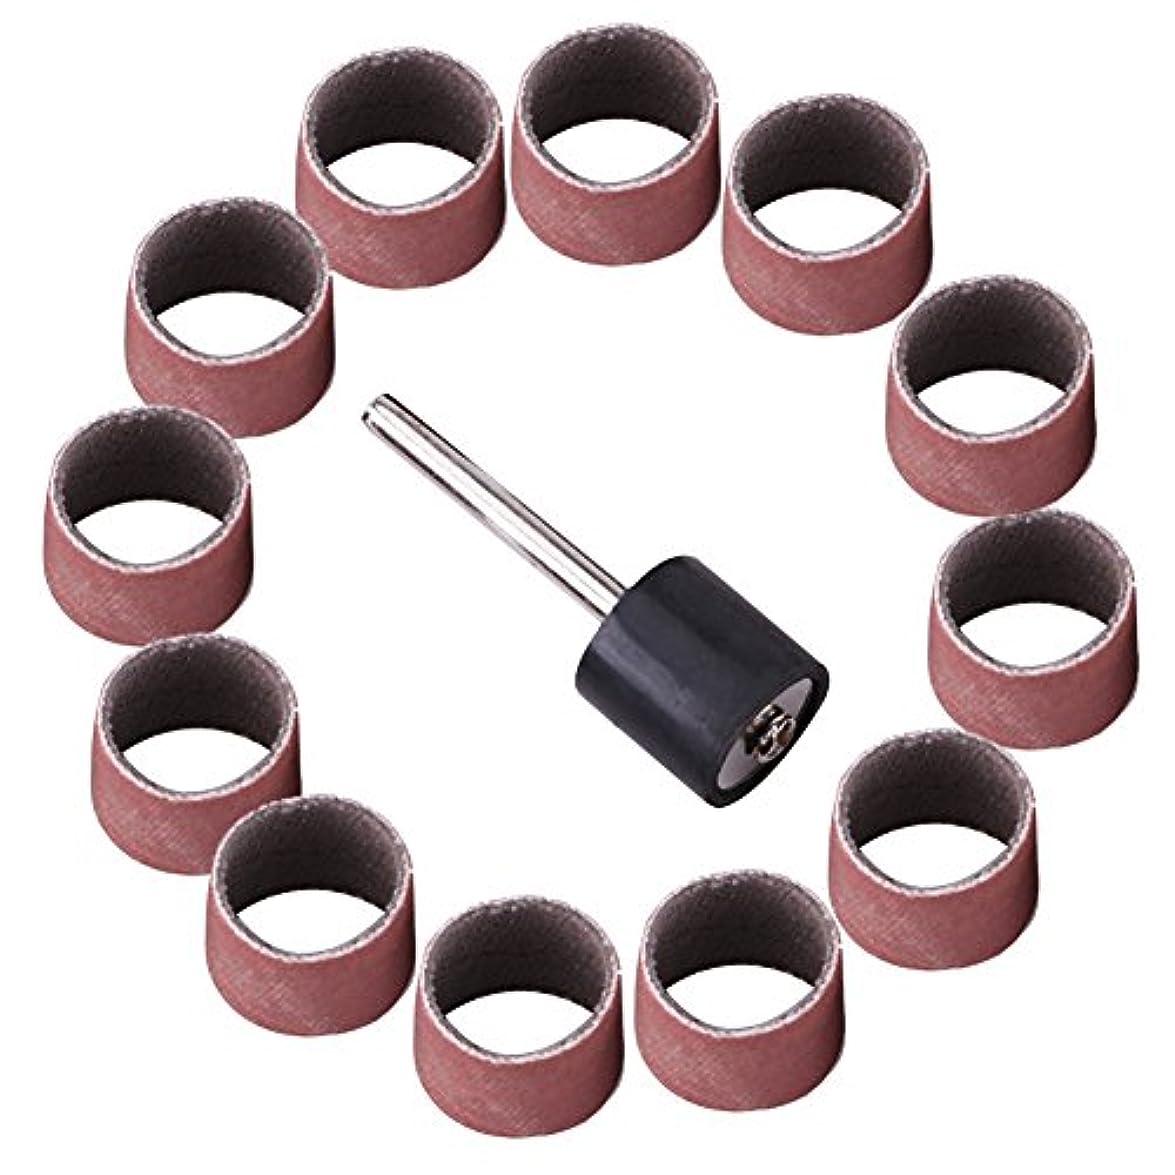 成り立つファイル結晶Akozon研削サンドドラムキット、ドラムサンドサンドペーパーバンドスリーブマンドレル木工工作研磨キット80/320 / 600Grit(600個)